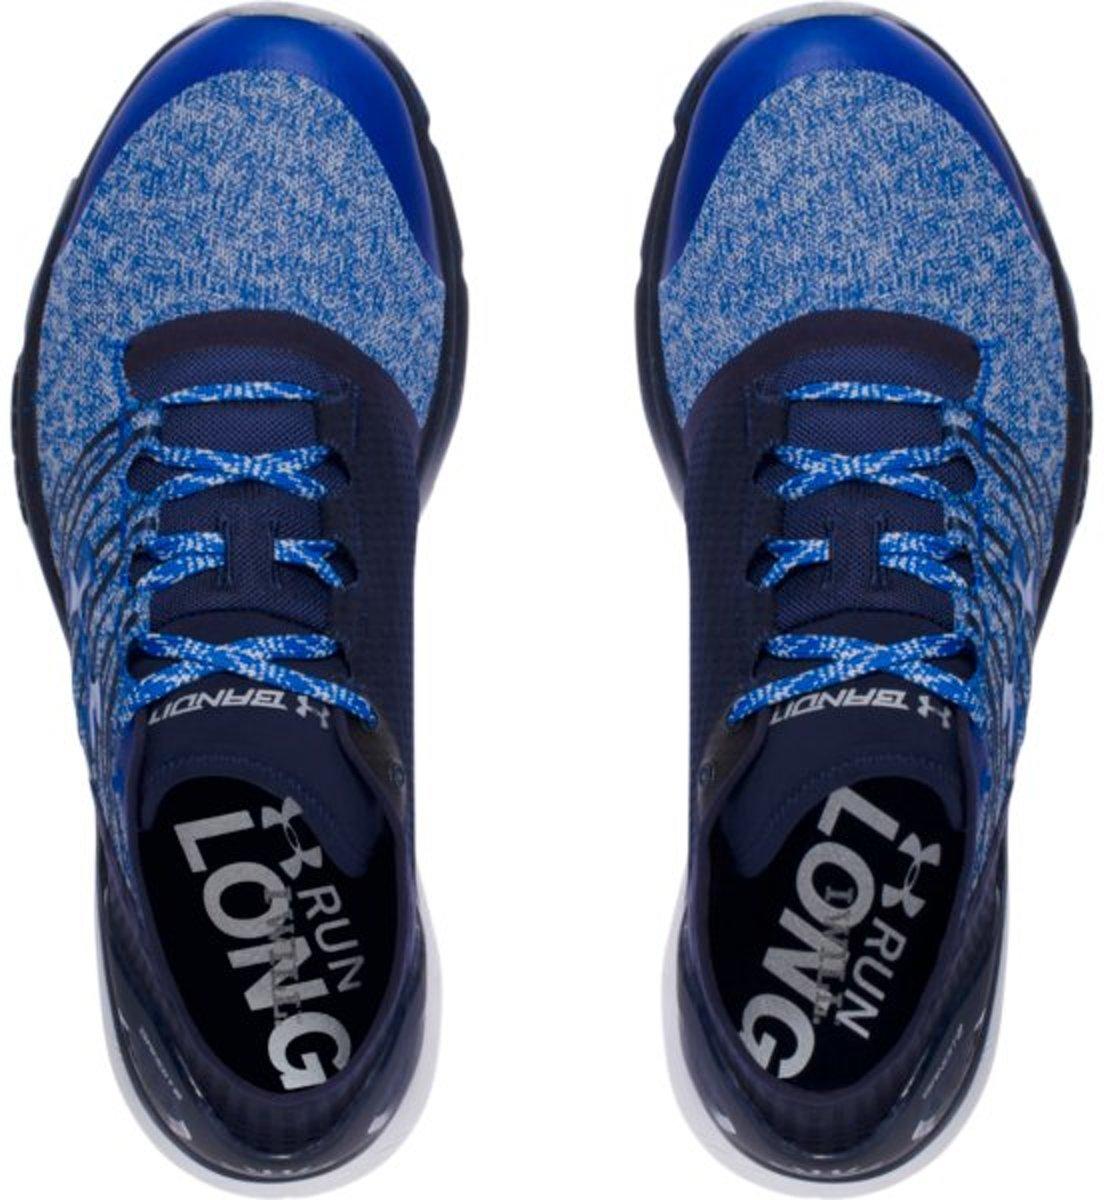 Los Angeles speciaal voor schoenen nieuwe producten Under Armour Charged Bandit 2 - Hardloopschoenen - Mannen - Maat 40 - Blauw